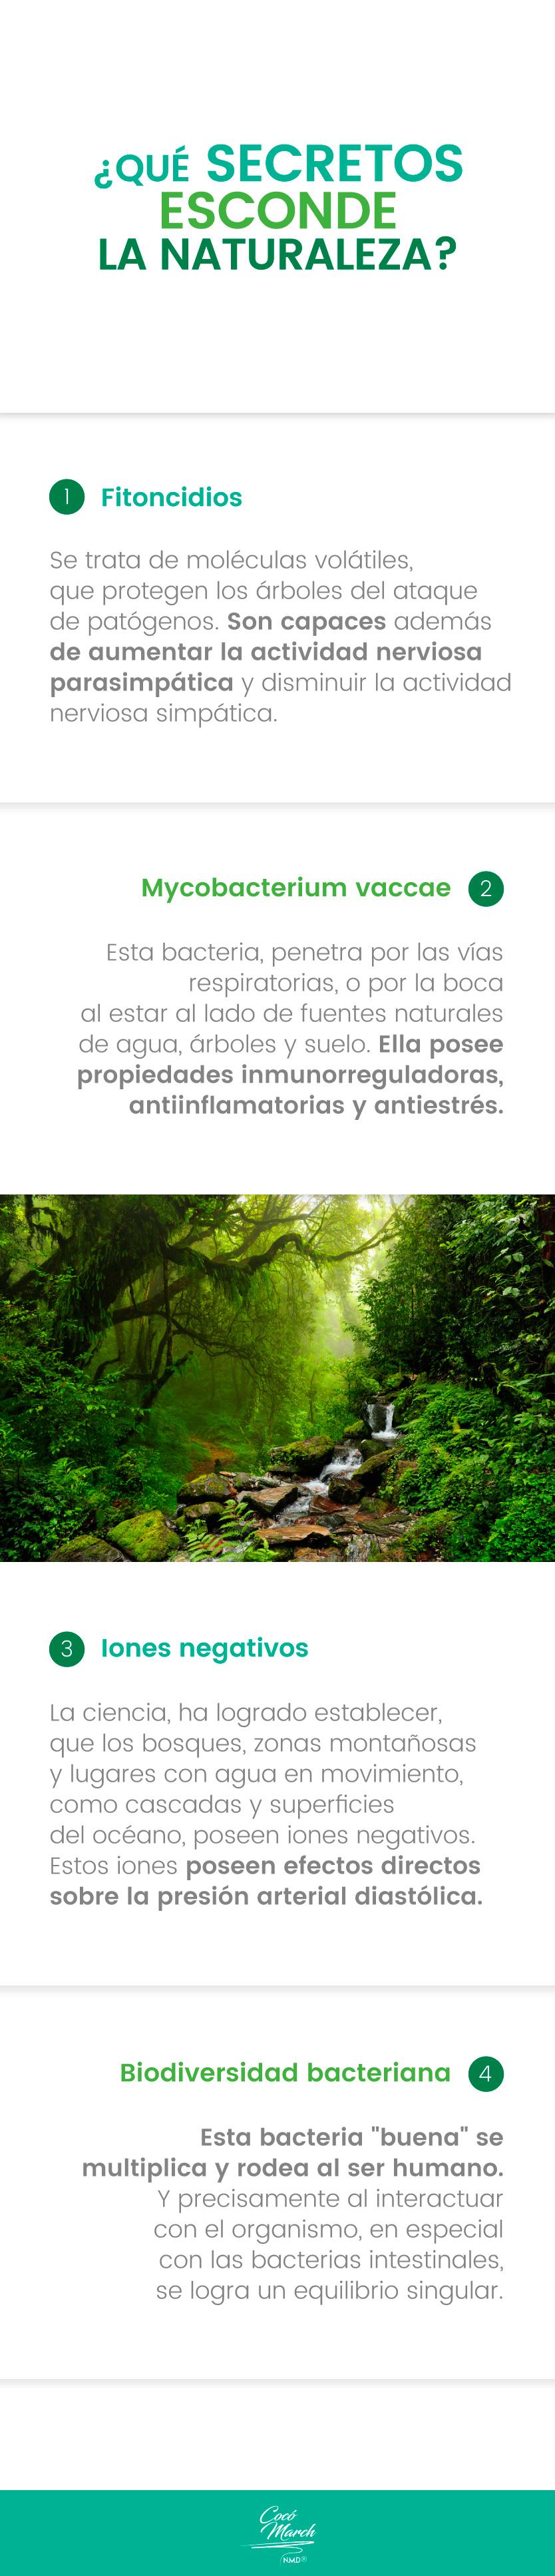 secretos-de-la-naturaleza